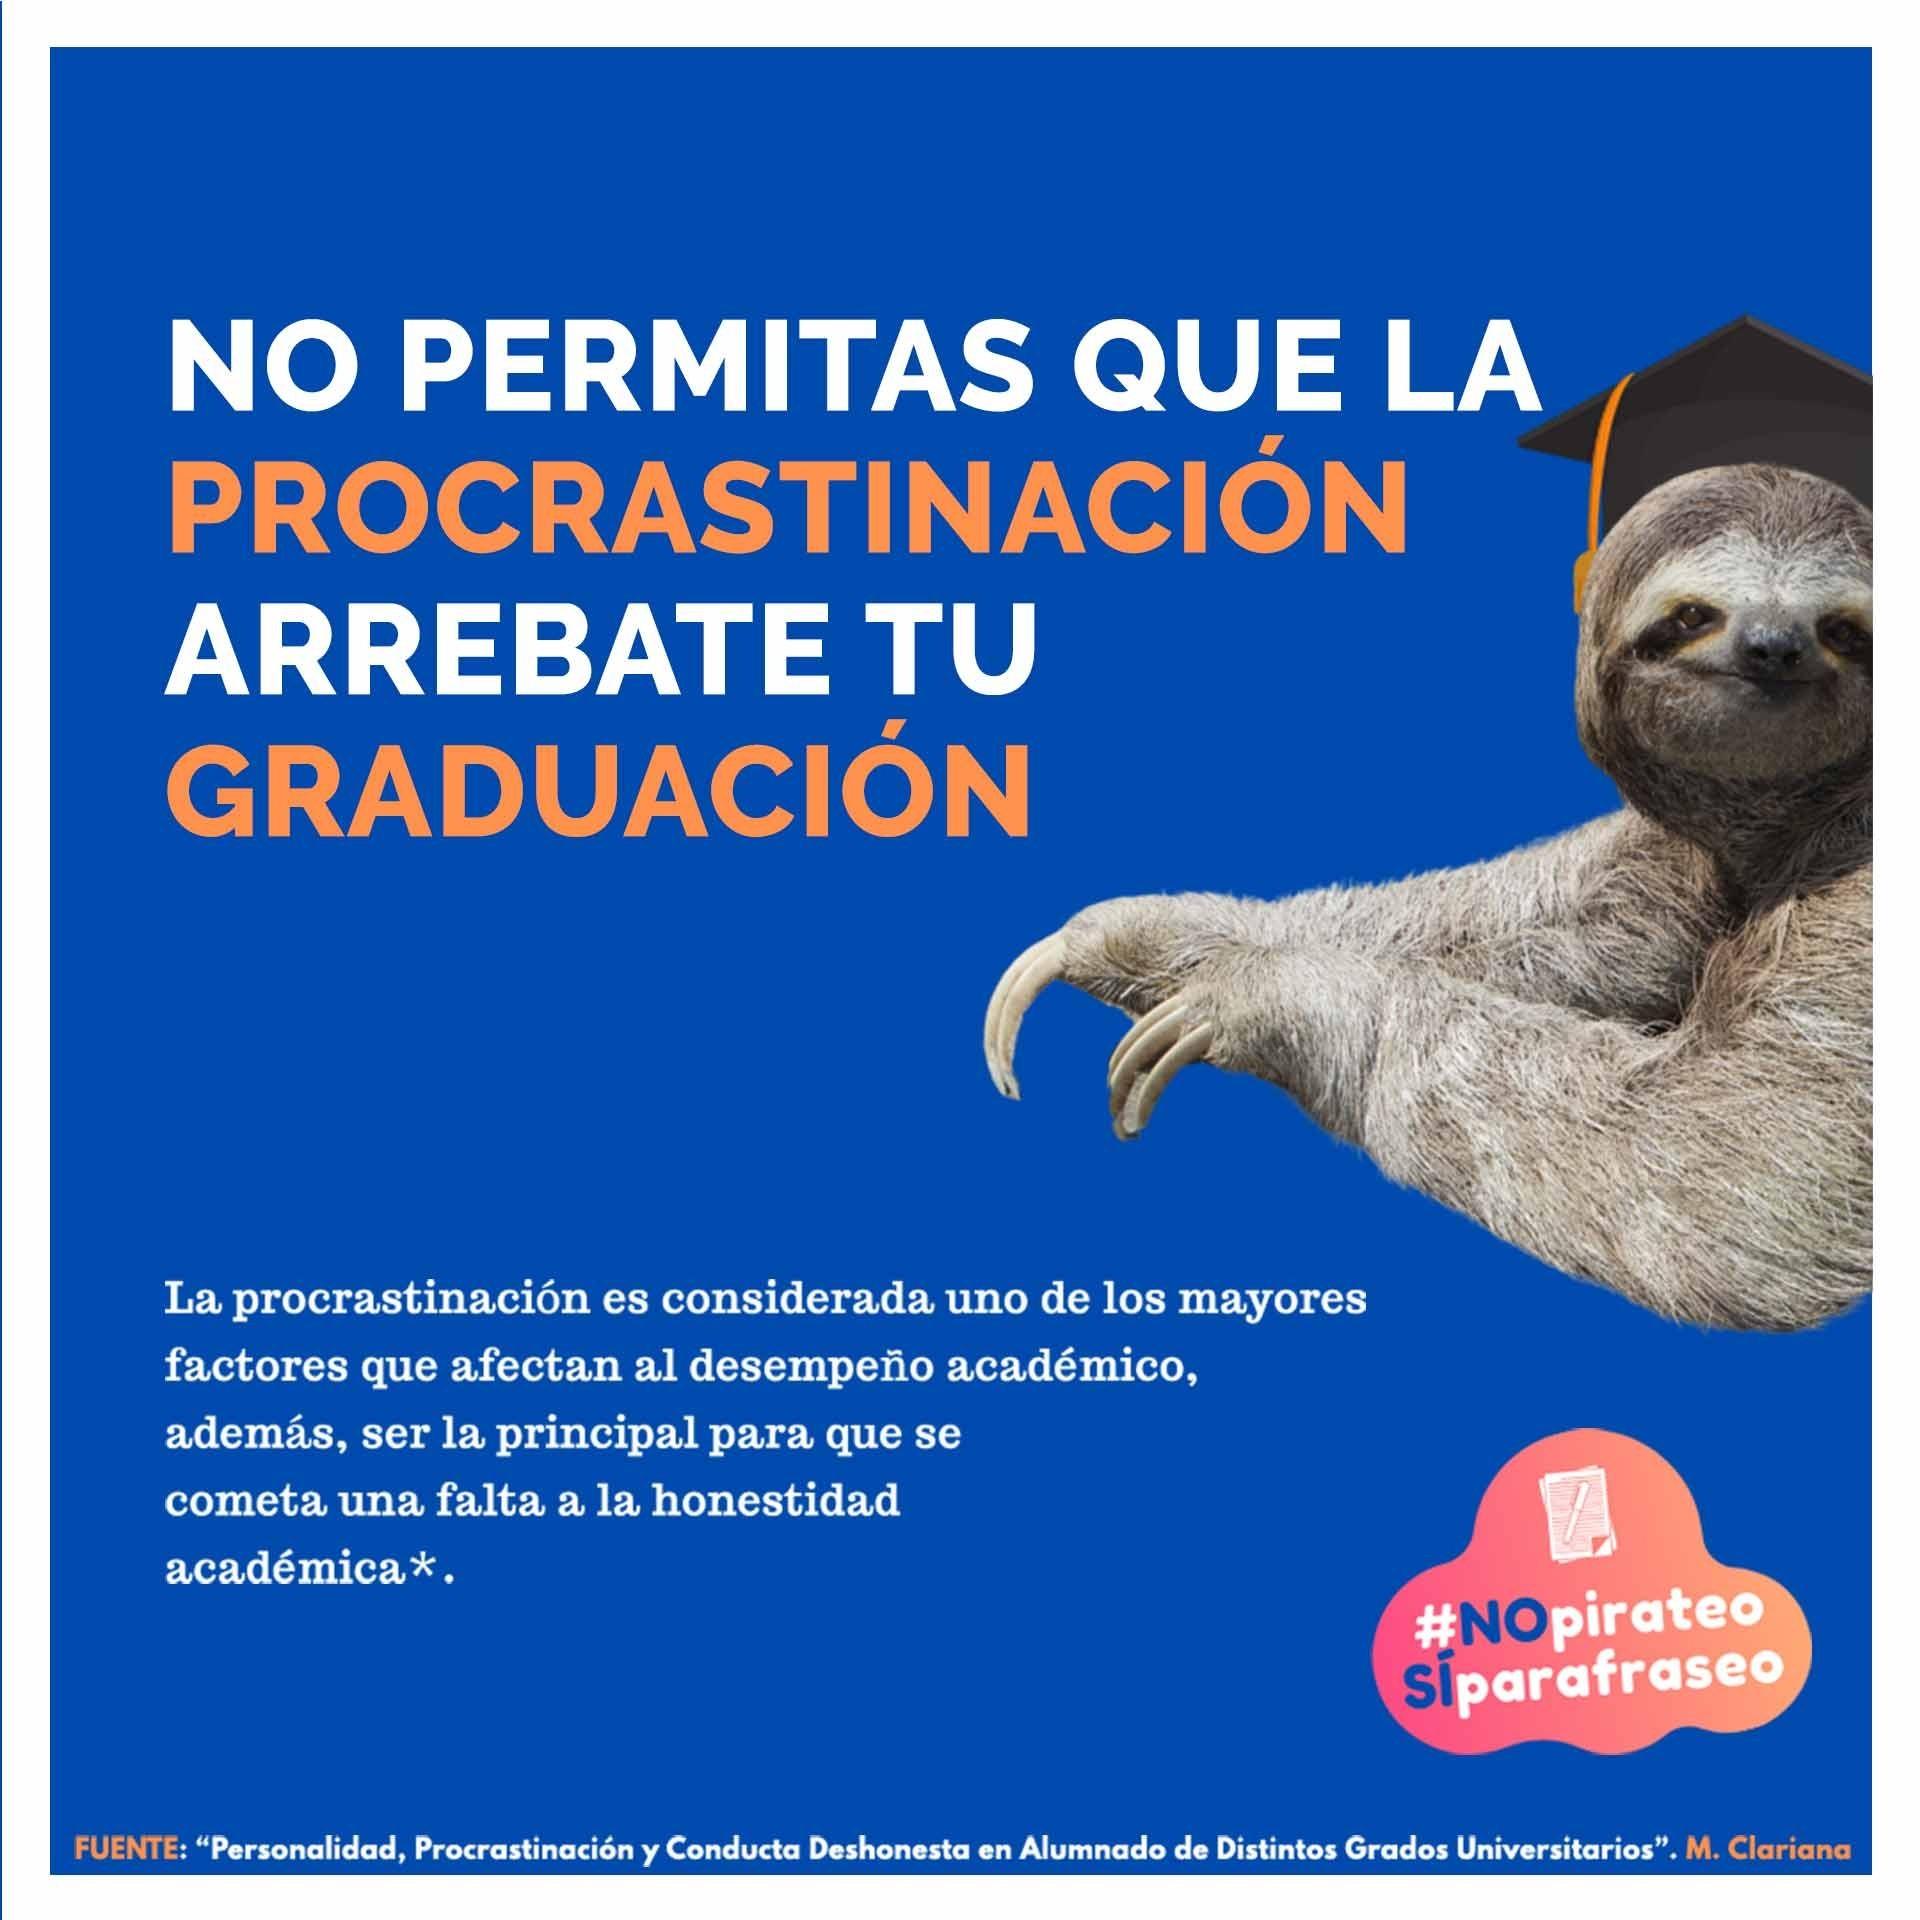 Propuesta No permitas que la procastinación arrebate tu graduación del Programa de Integridad Académica del Tec de Monterrey